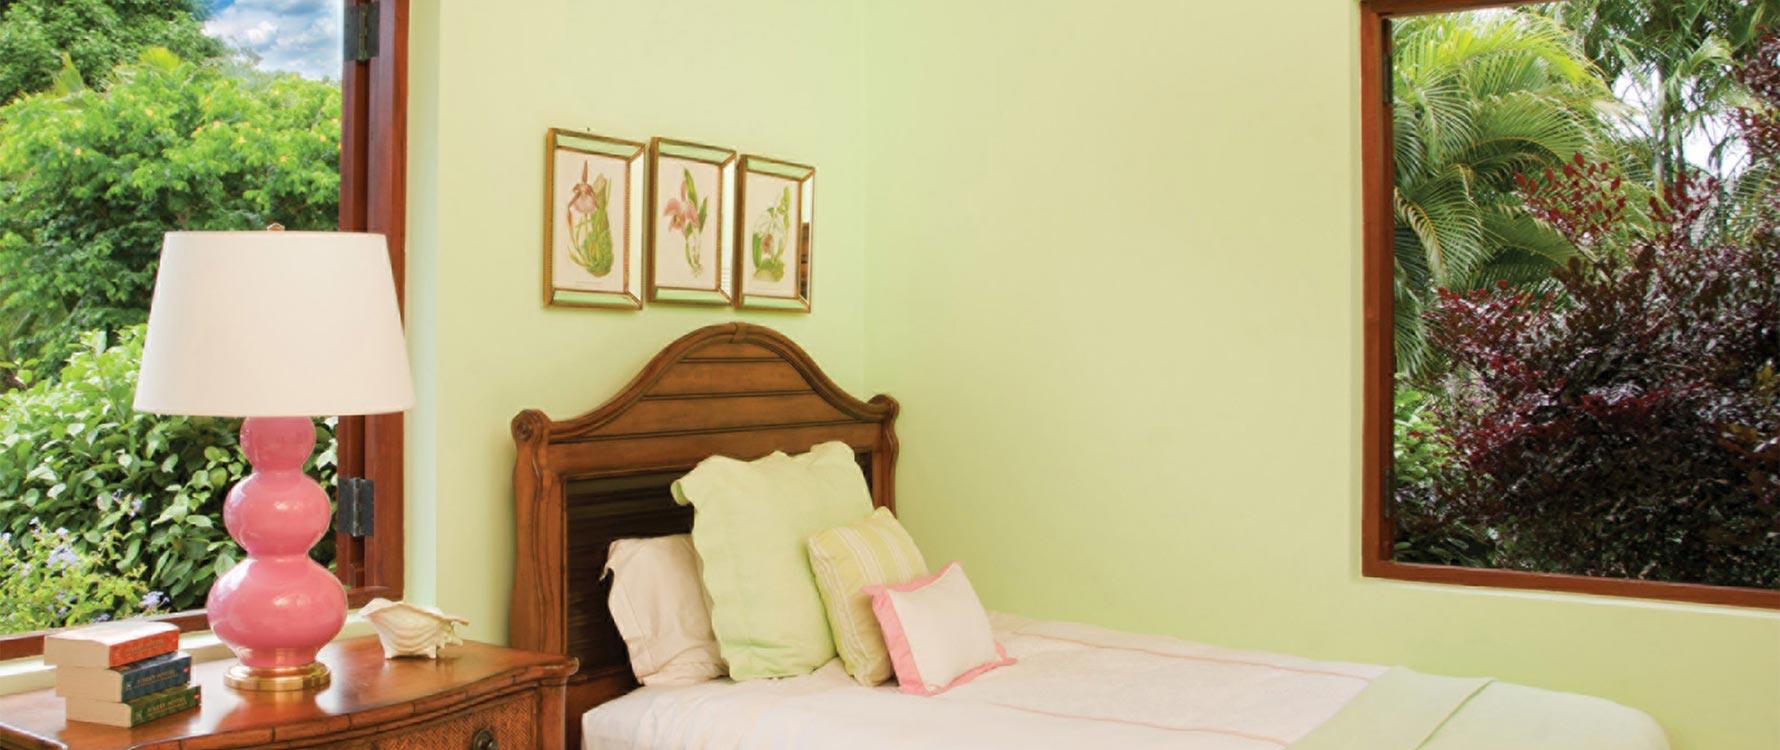 Guest green double bedroom